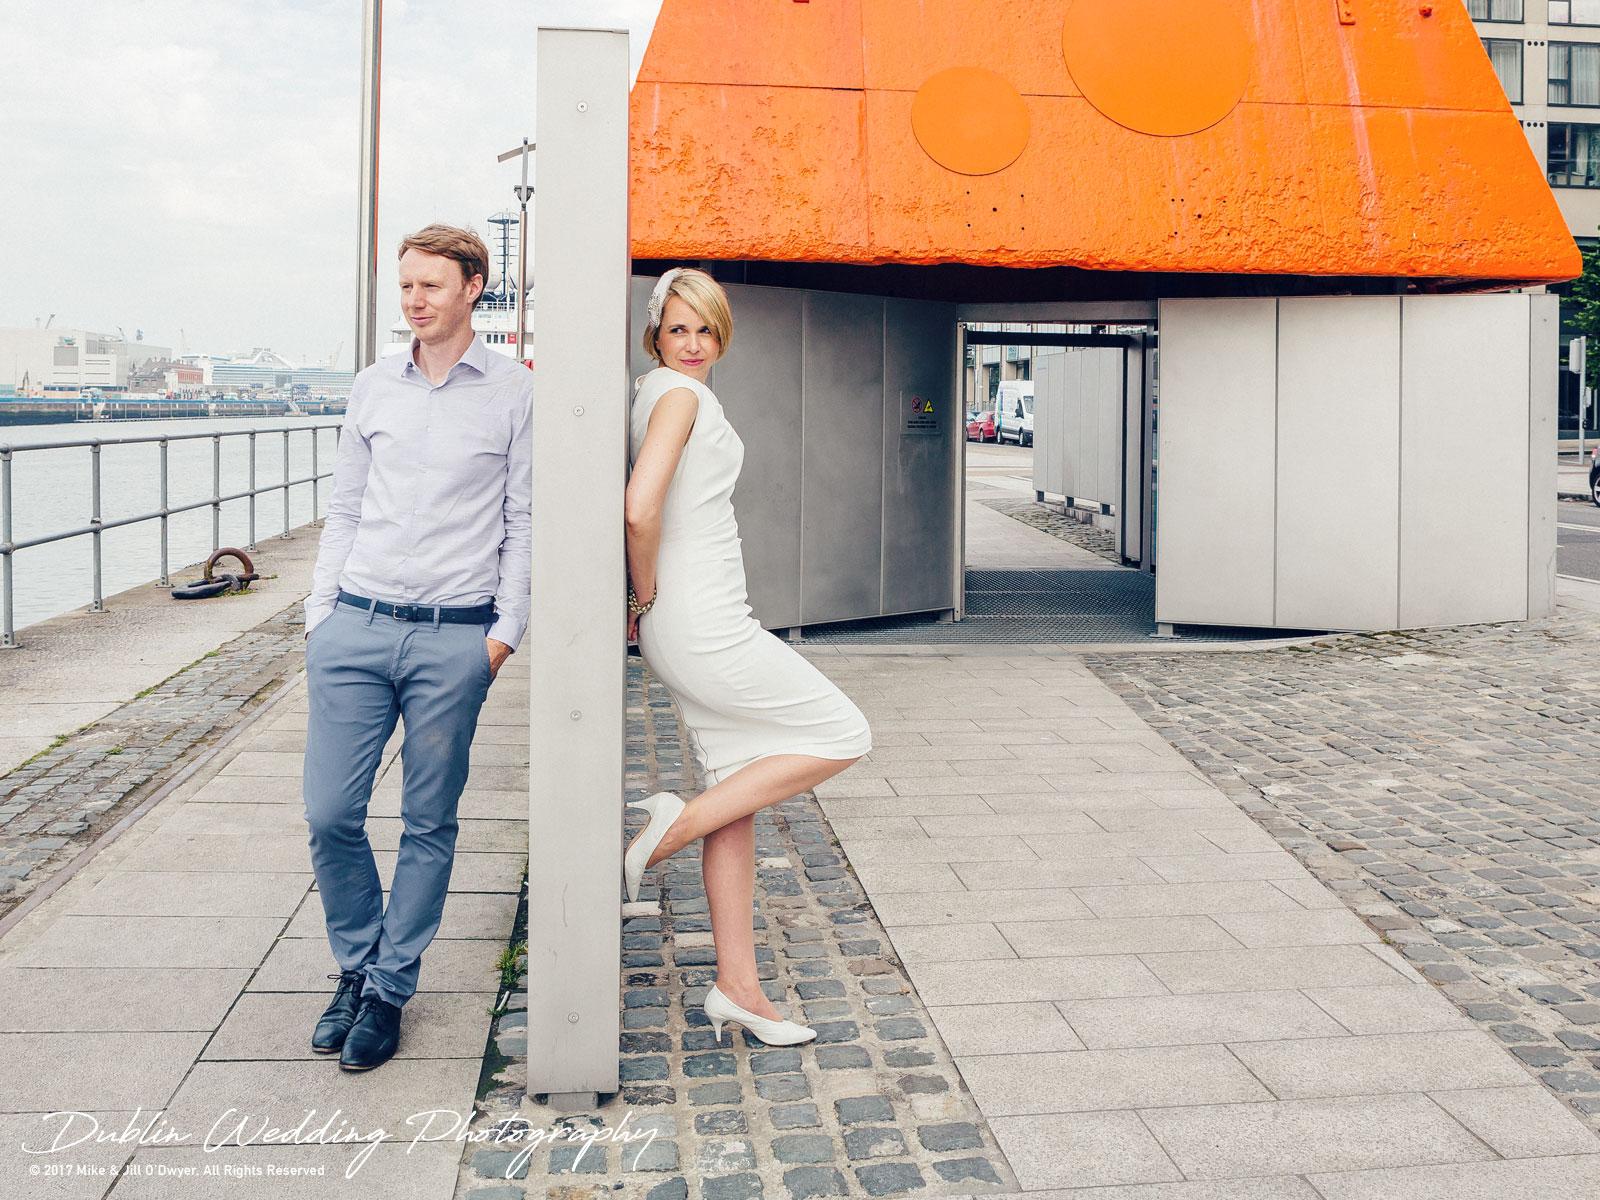 Dublin Wedding Photographer City Streets 091